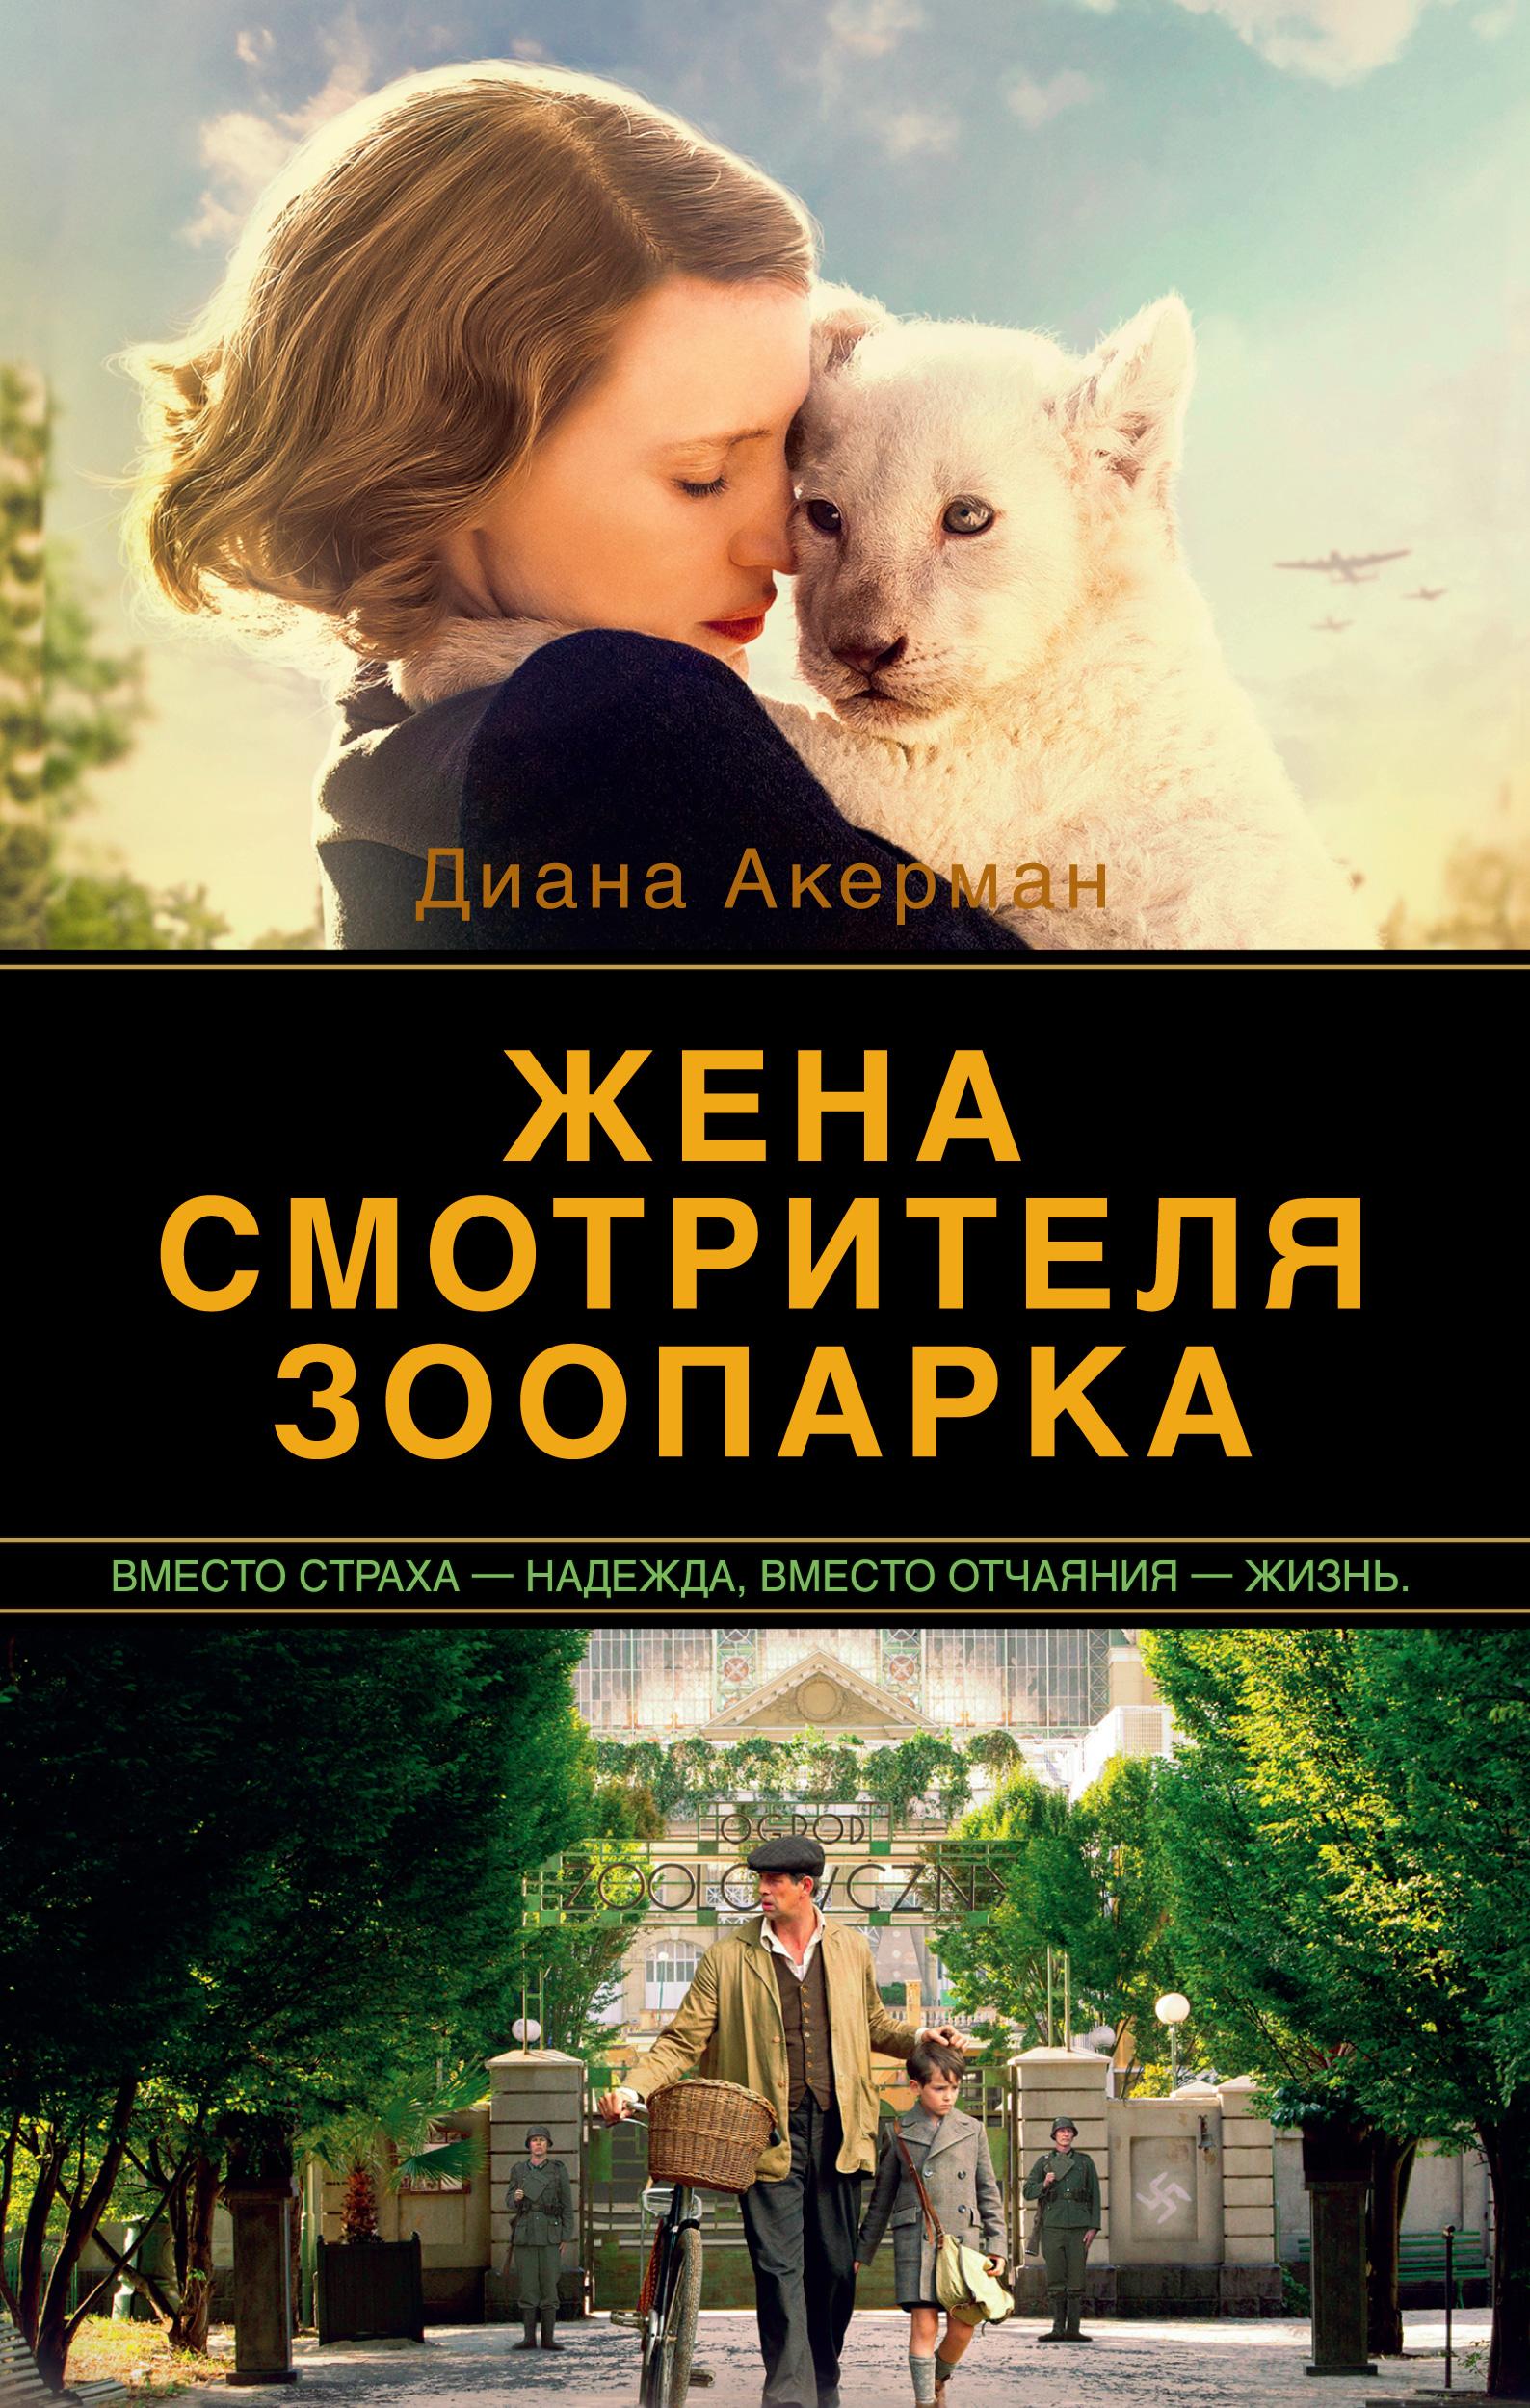 Жена смотрителя зоопарка: роман